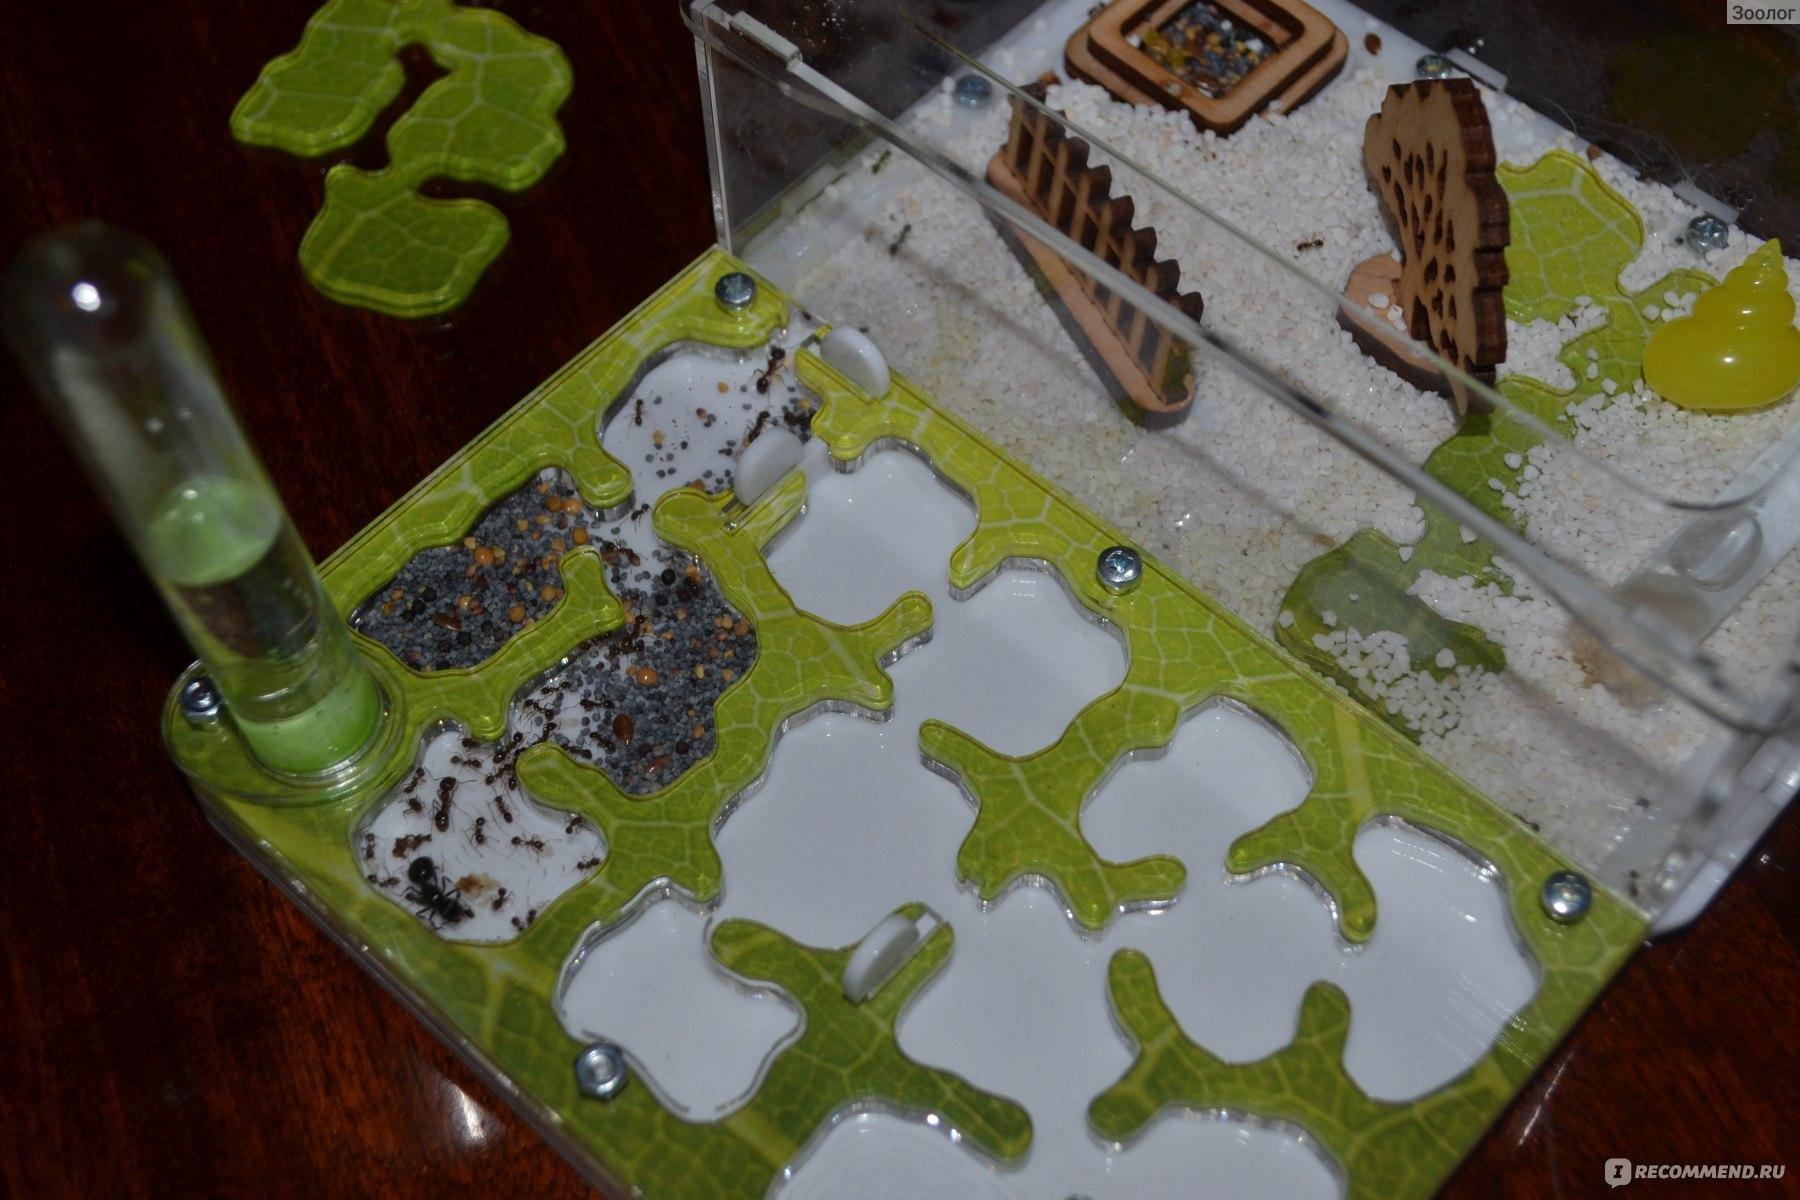 Муравьиная ферма с муравьями. как сделать муравьиную ферму своими руками?